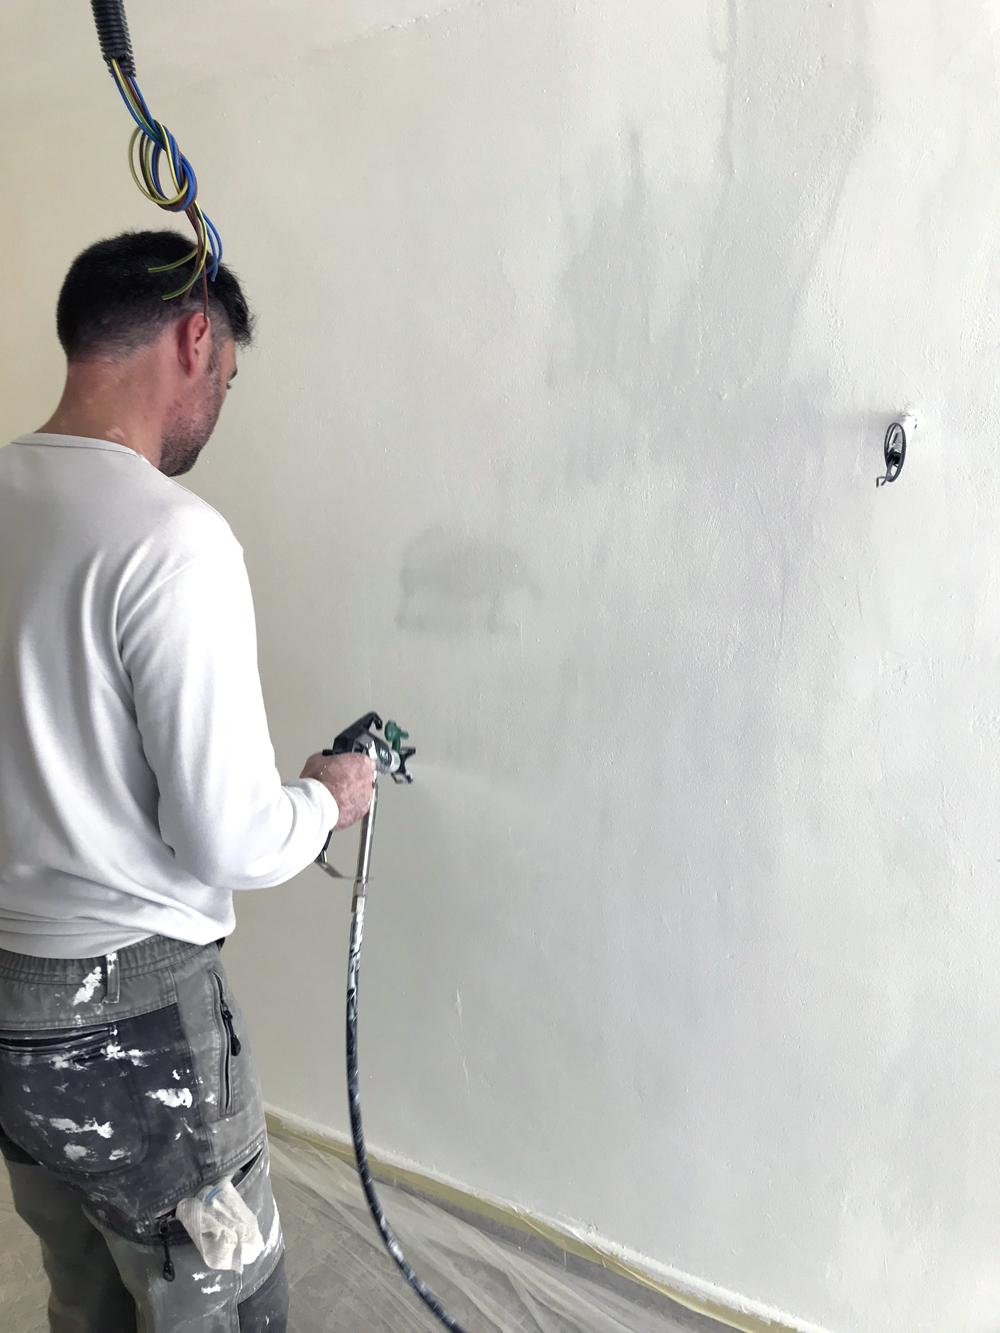 Pintando con airless